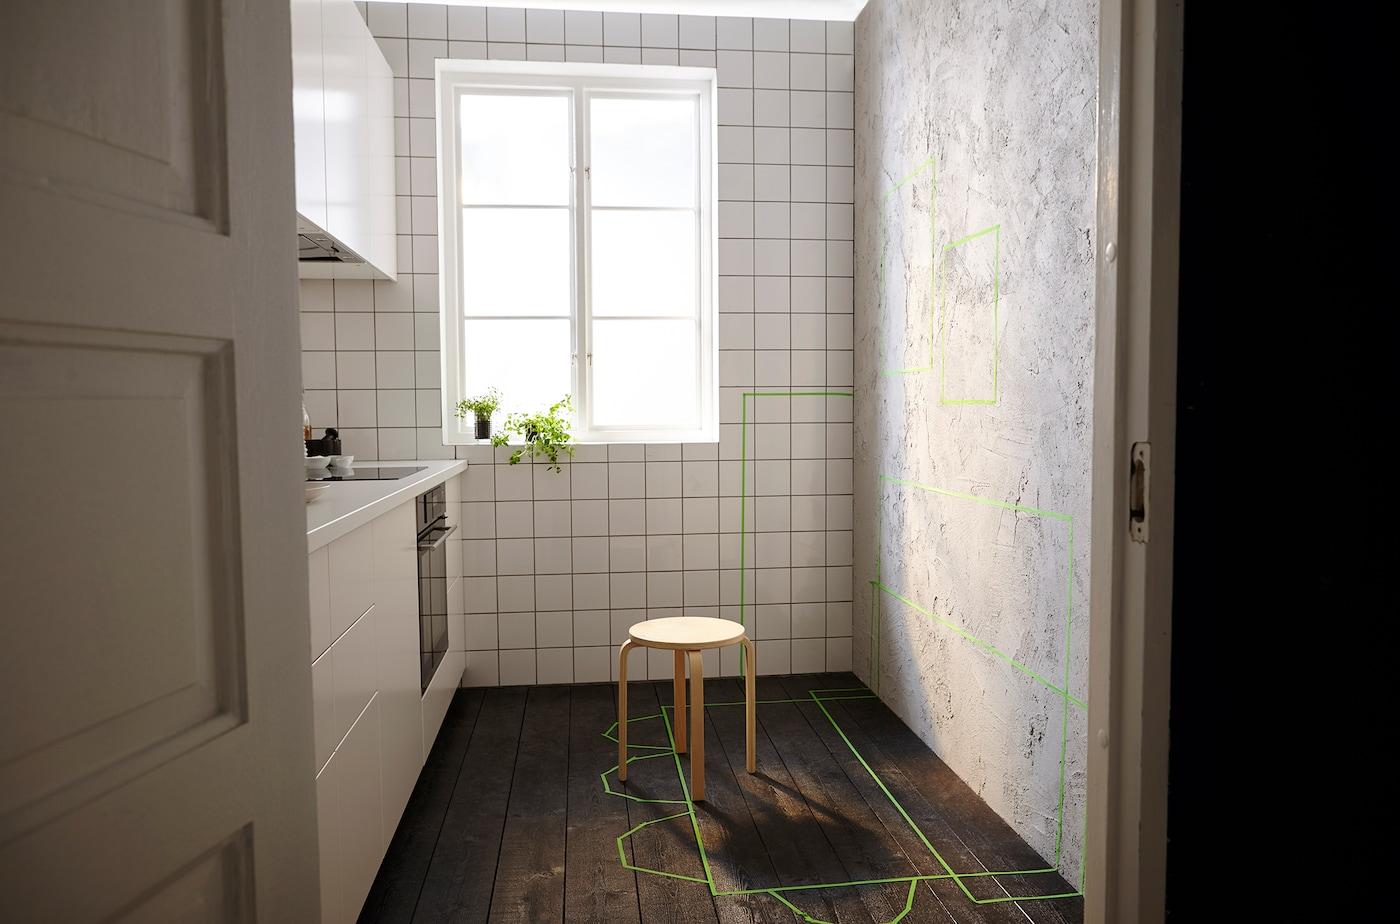 In einer schmalen Küche sieht man grünes Klebeband, das die Platzierung von Möbeln zeigt.